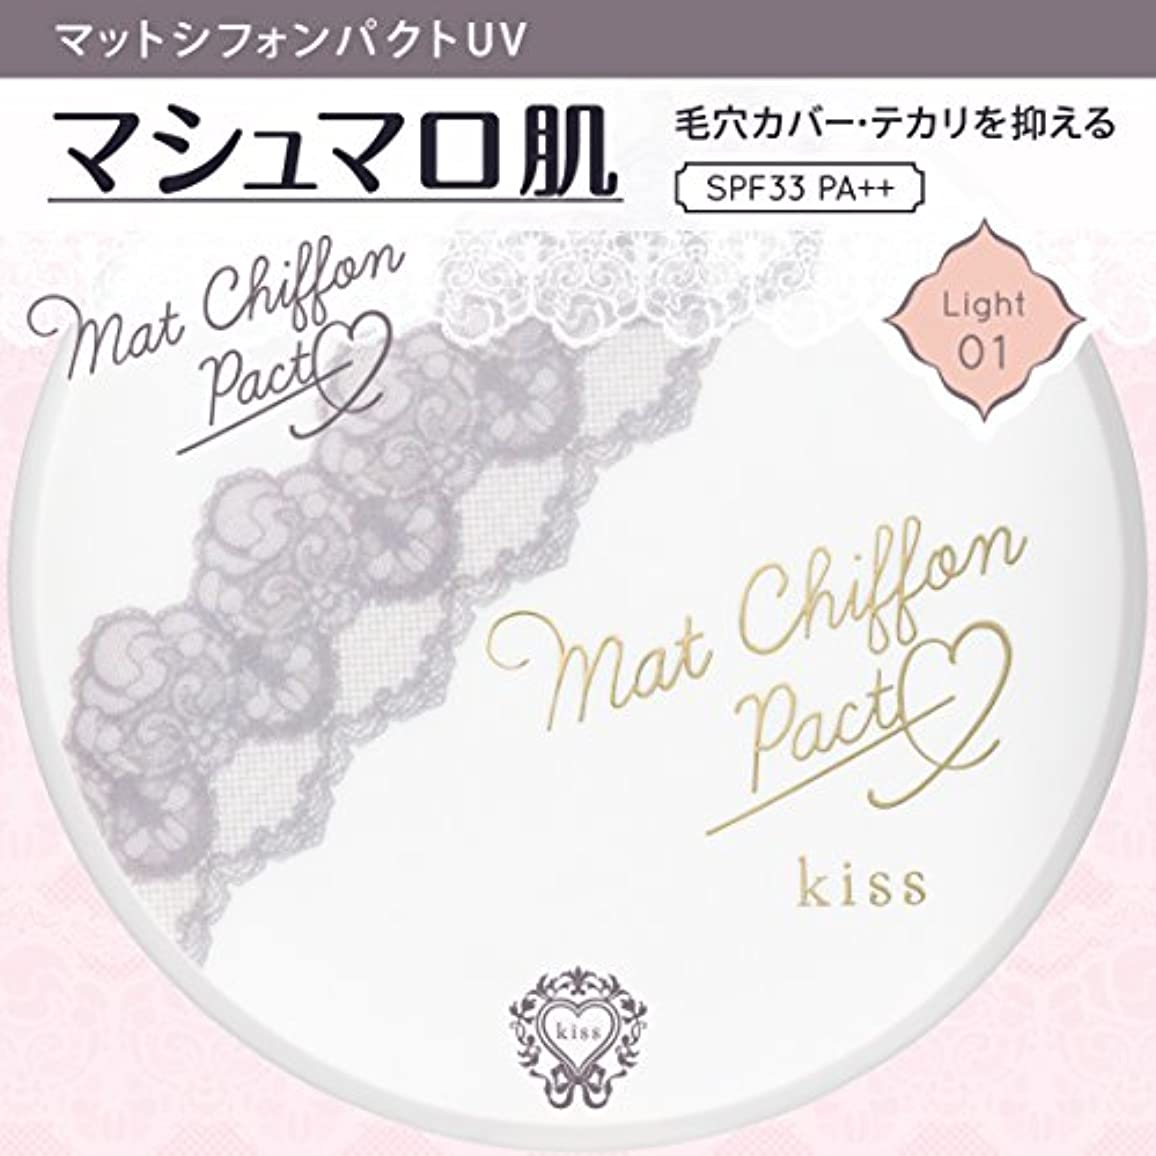 バルコニー精神医学可塑性キス マットシフォンパクトUV01 ライト 7g